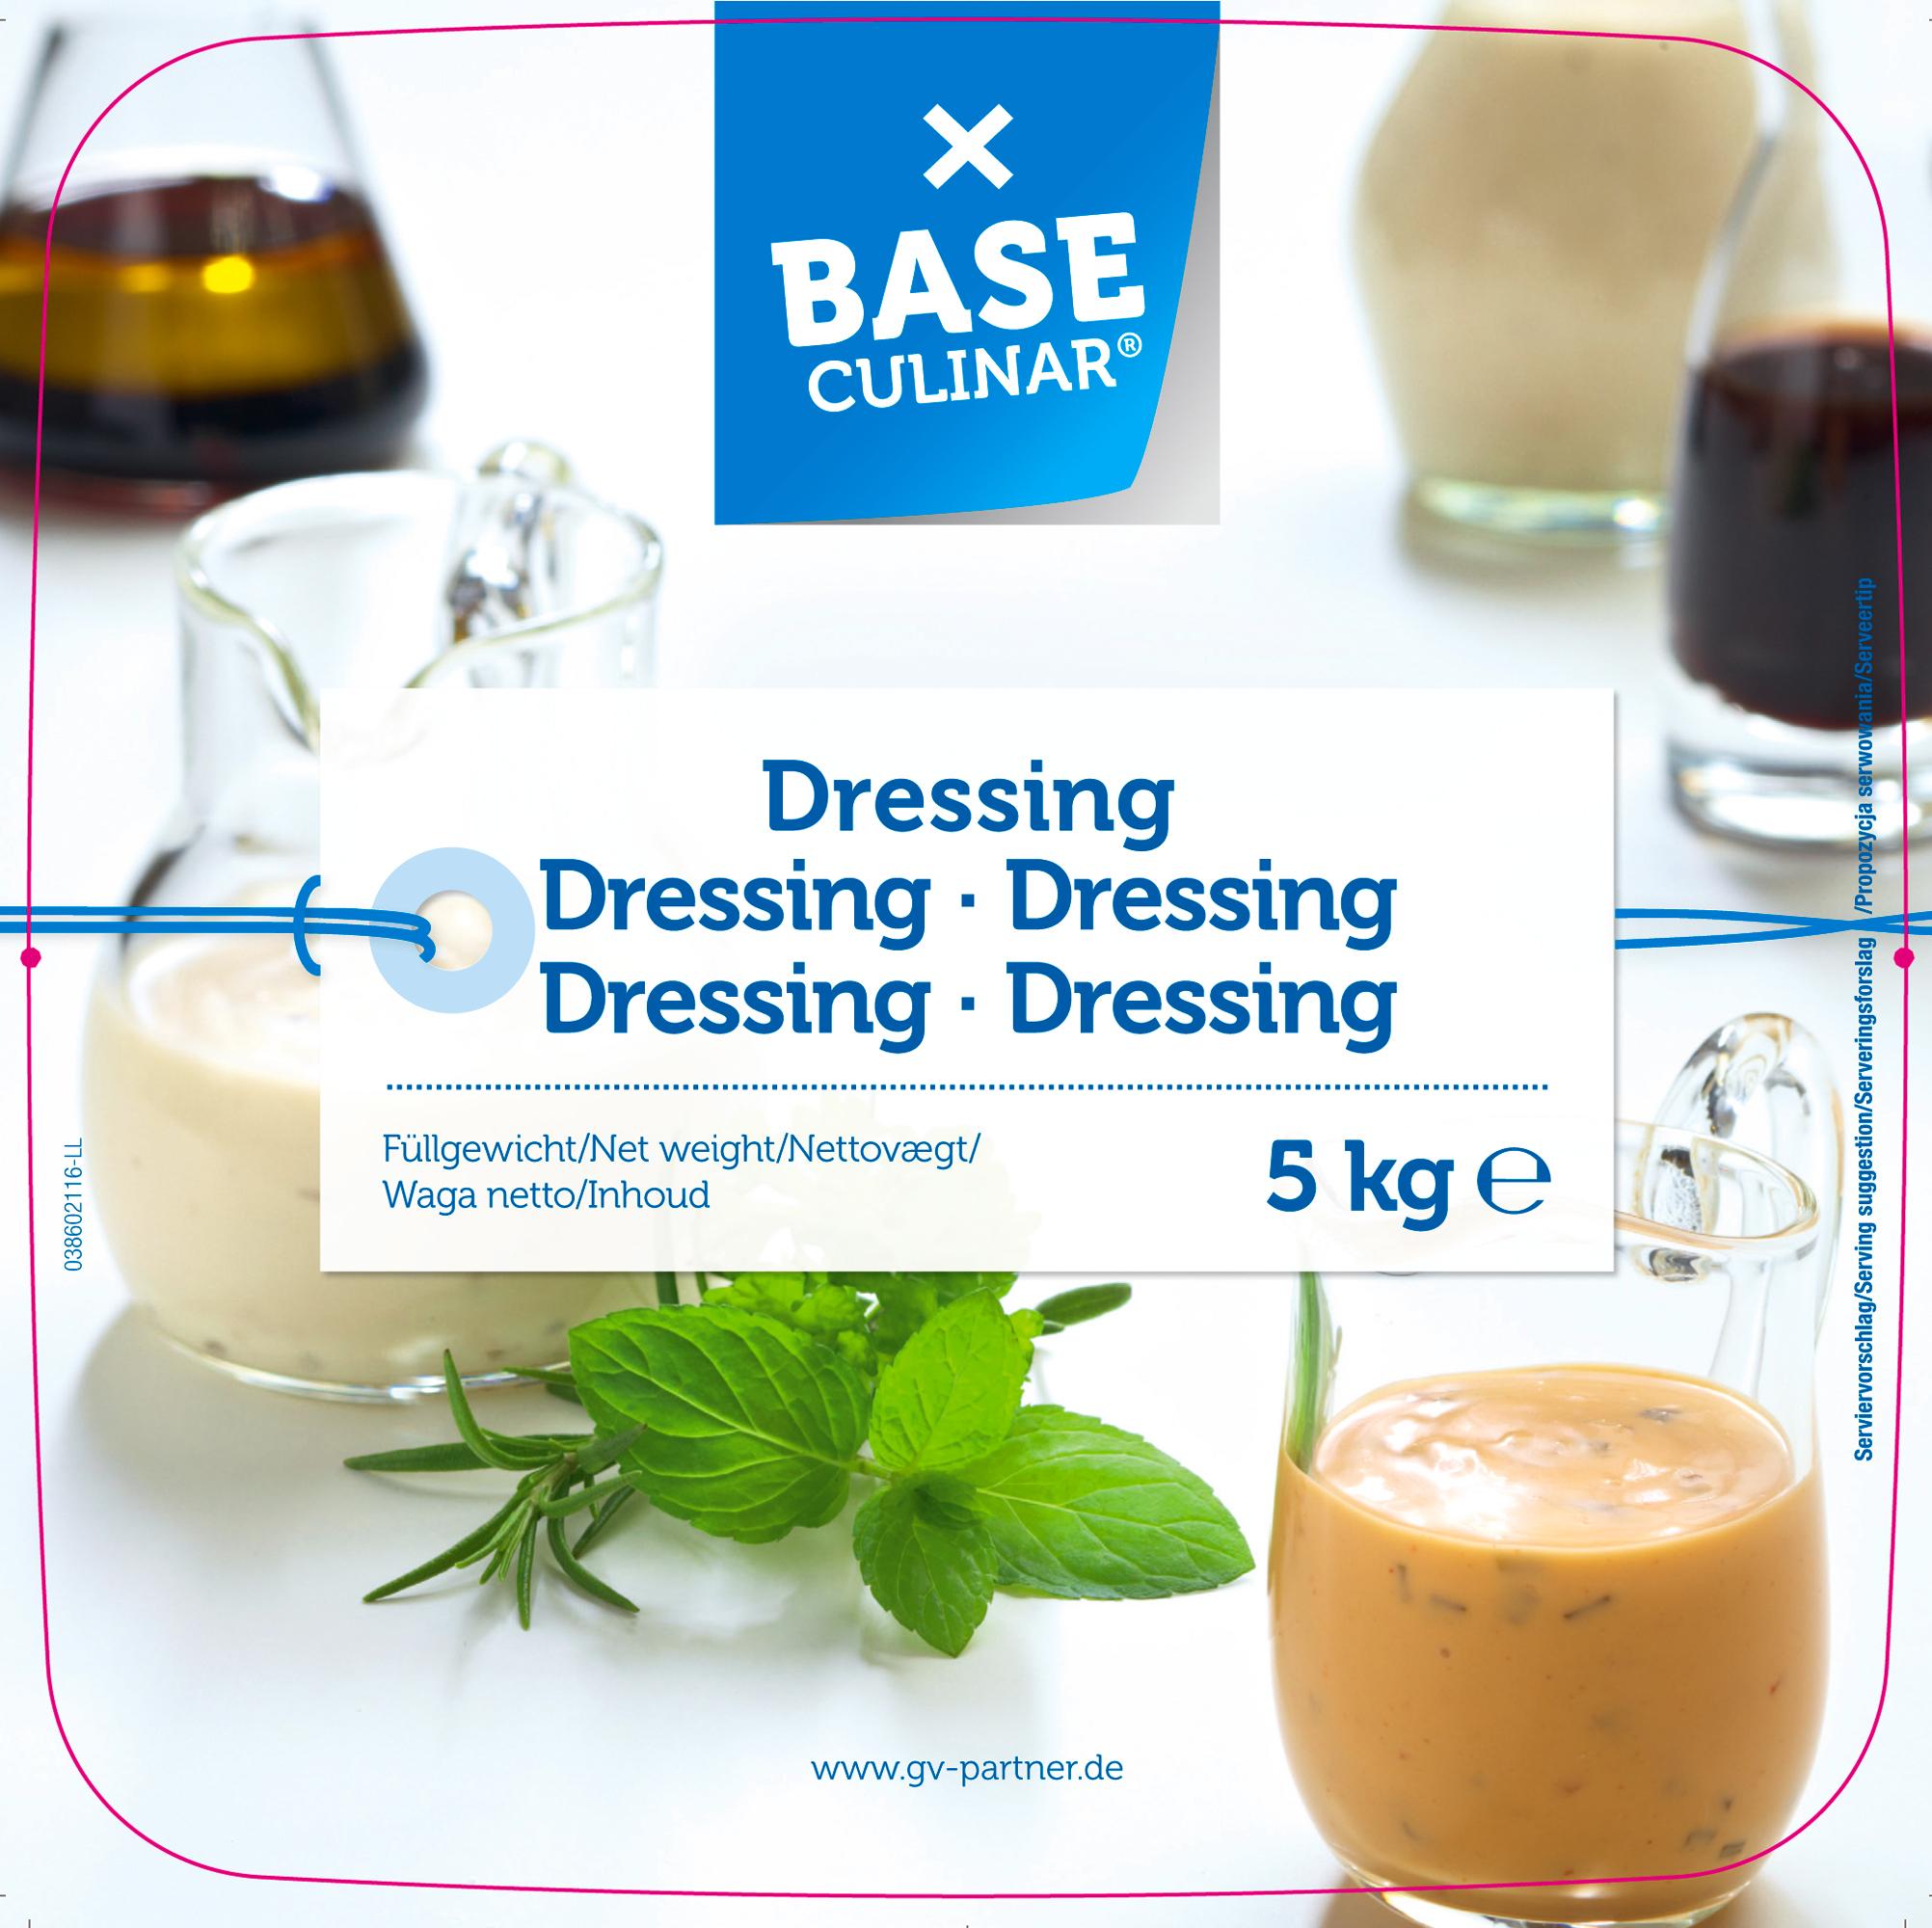 Dressing <br>(BASE)